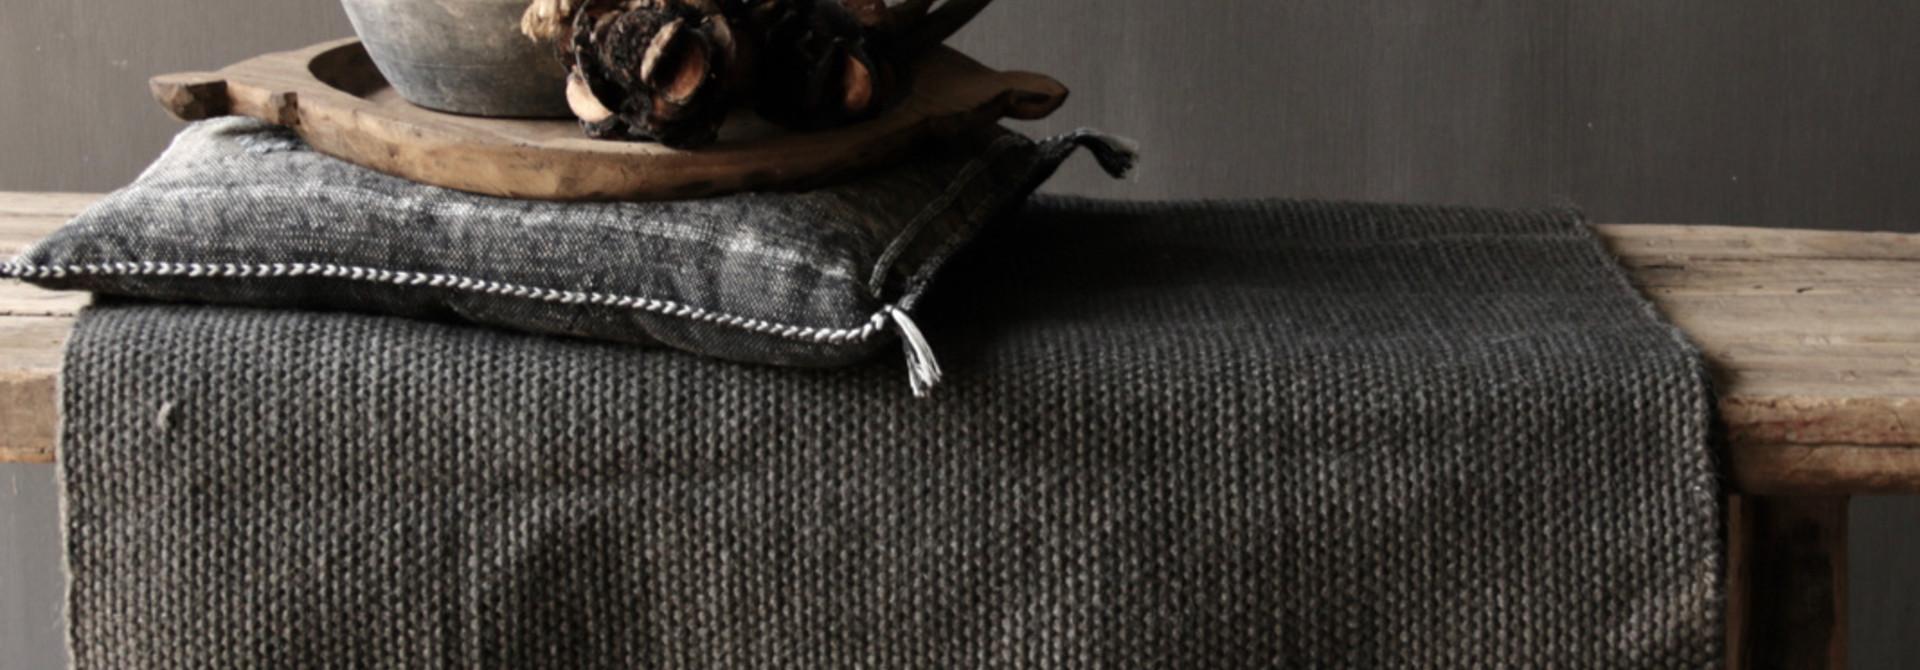 Zwart Jute Vloerkleed  80x160cm